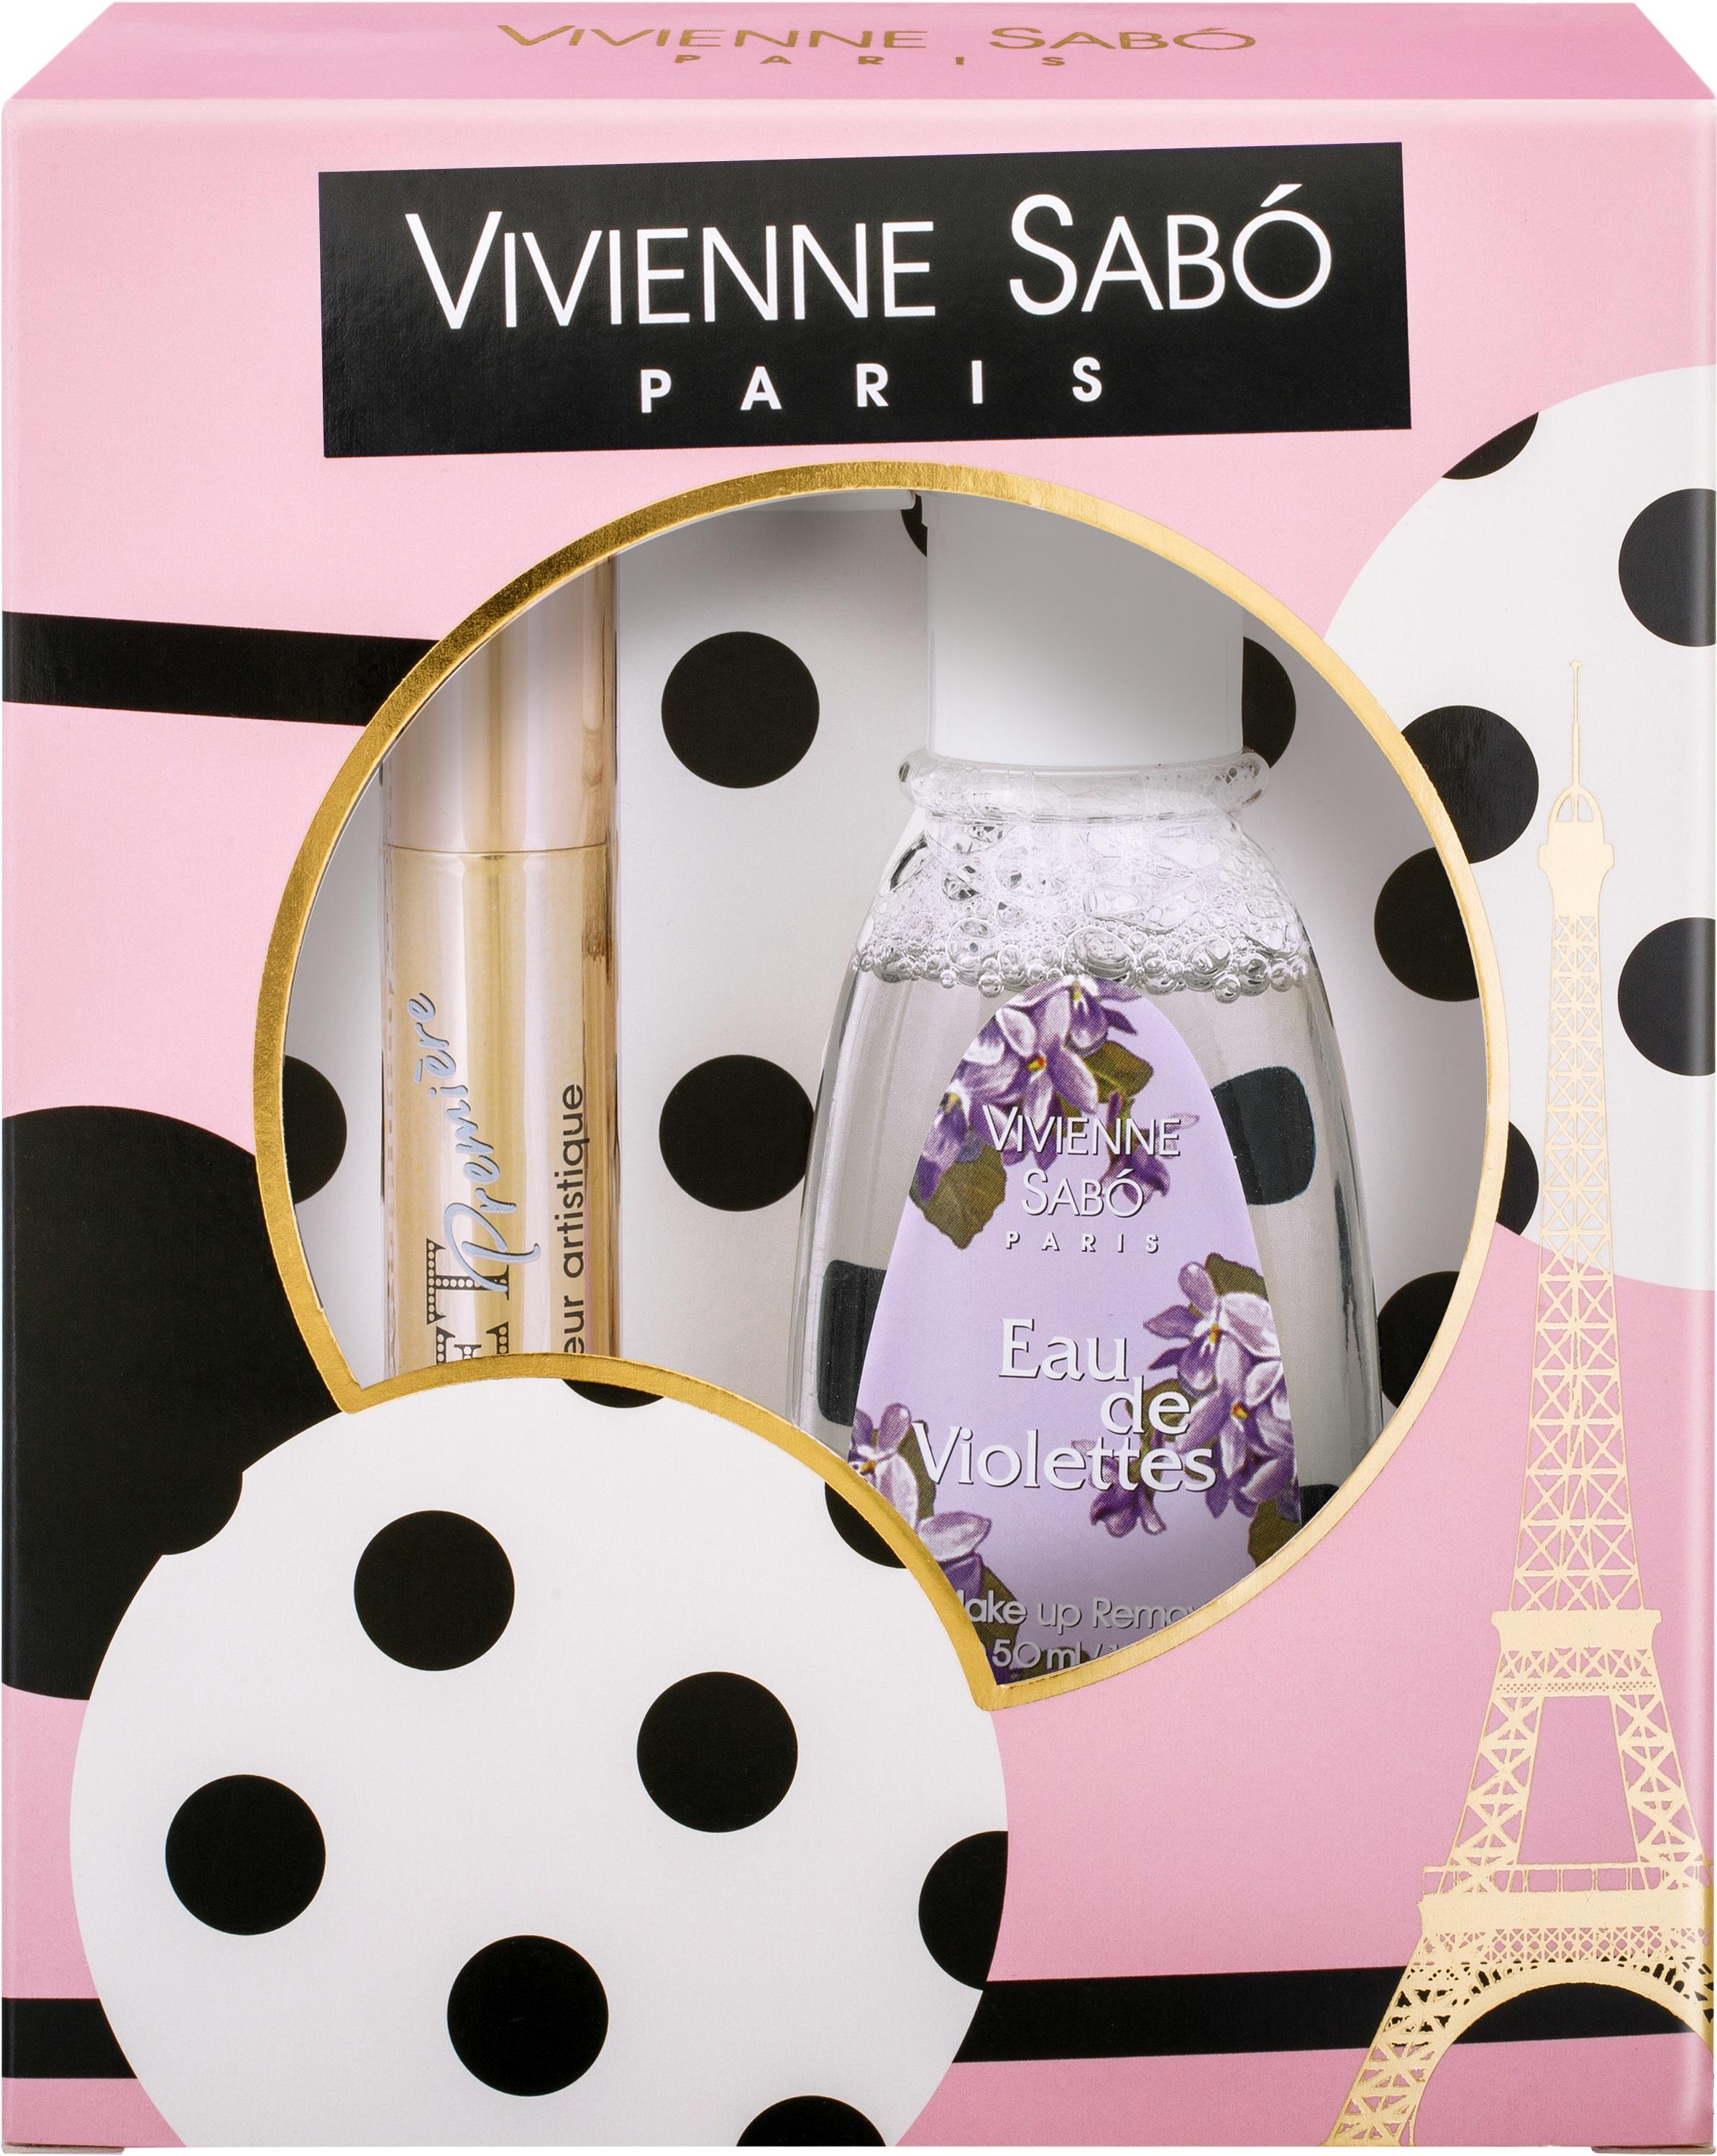 Vivienne Sabo Подарочный набор Тушь Cabaret premiere» т. 01 и Жидкость для снятия макияжа vivienne sabo тушь для ресниц cabaret